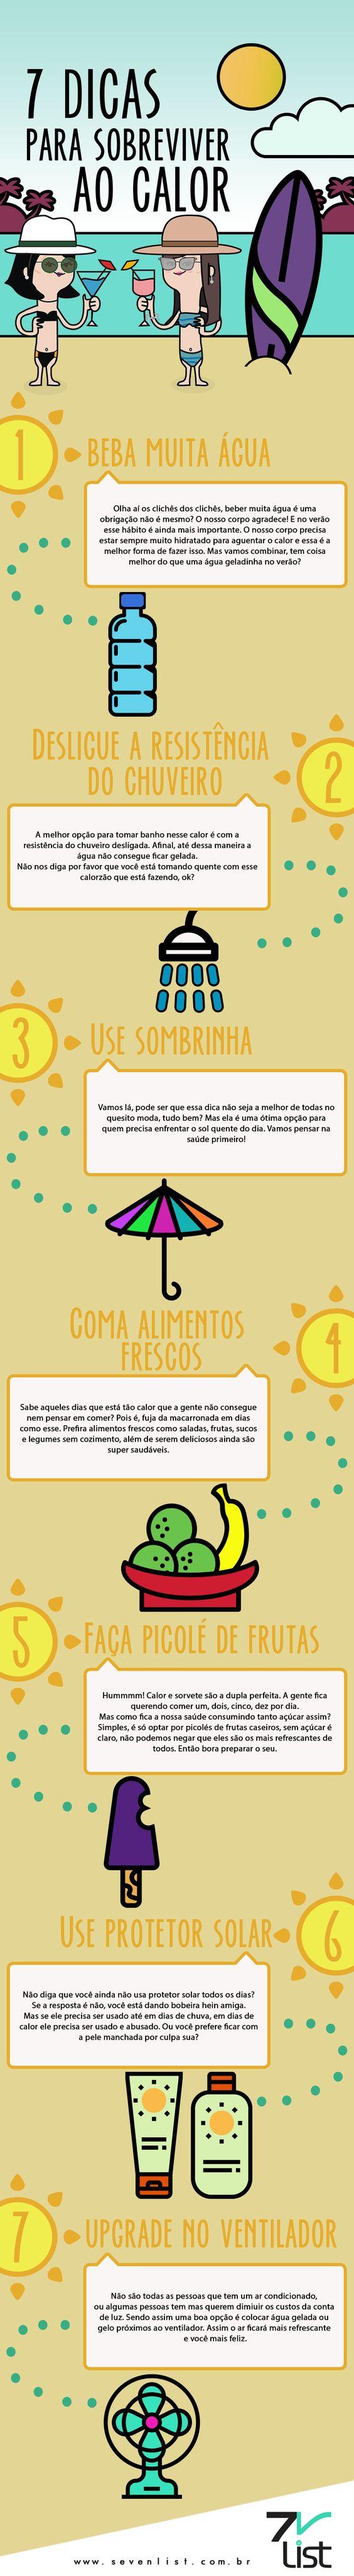 """Nós amamos o verão, mas não é fácil aguentar essa quentura toda não é mesmo? Para te dar um """"HELP"""" listamos 7 dicas para sobreviver ao calor. #SevenList #Art #Infográfico #Summer #Verão #Saúde #Dicas #CabideColorido #Hot #Calor:"""